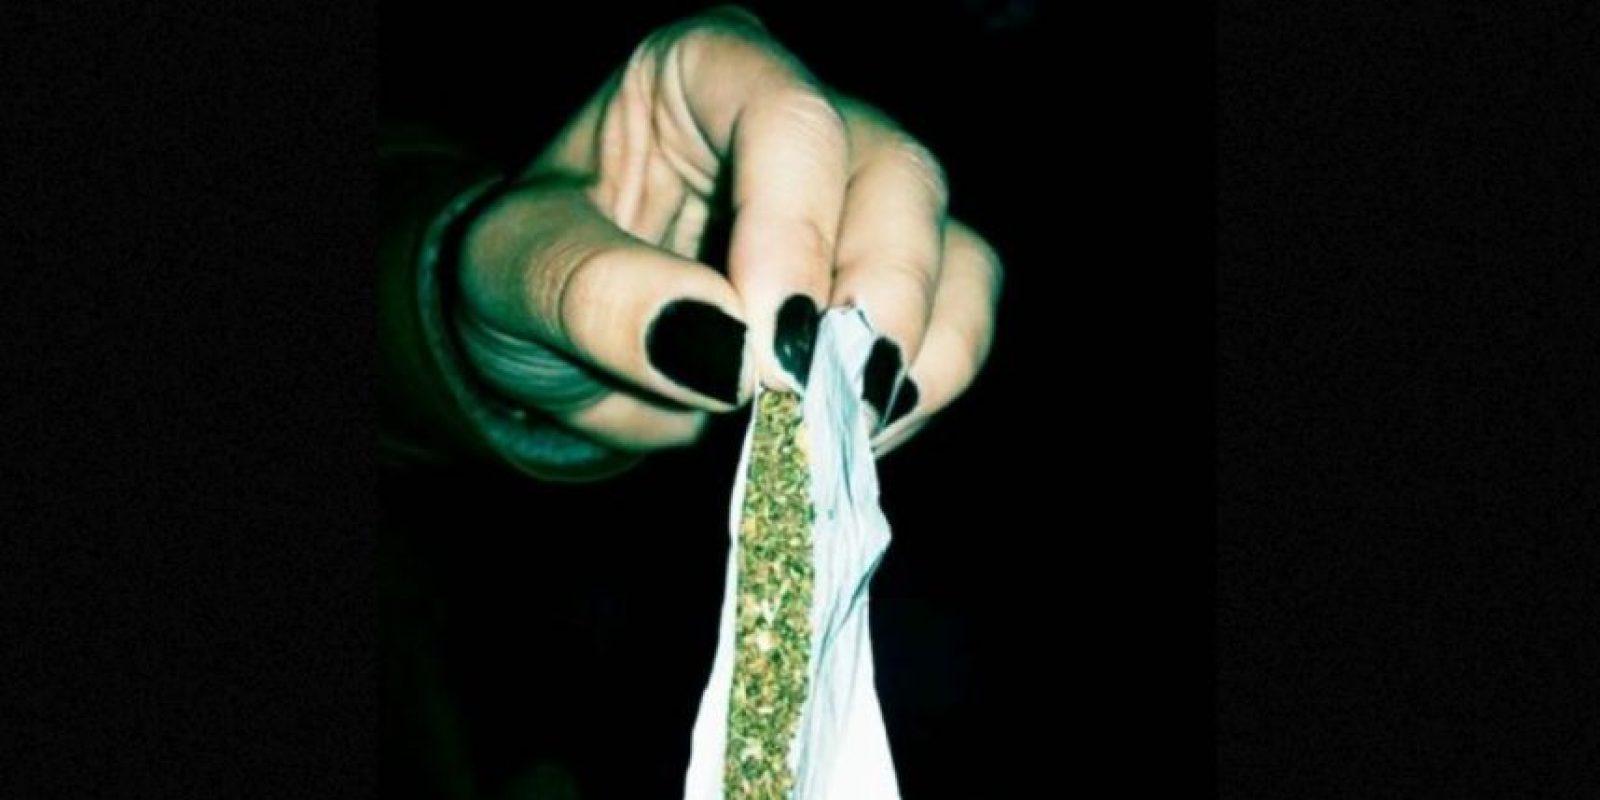 La empresa Solstice lanzó un souvenir de marihuana medicinal en el marco del partido más esperado de la temporada Foto:Tumble.com/Tagged-marihuana